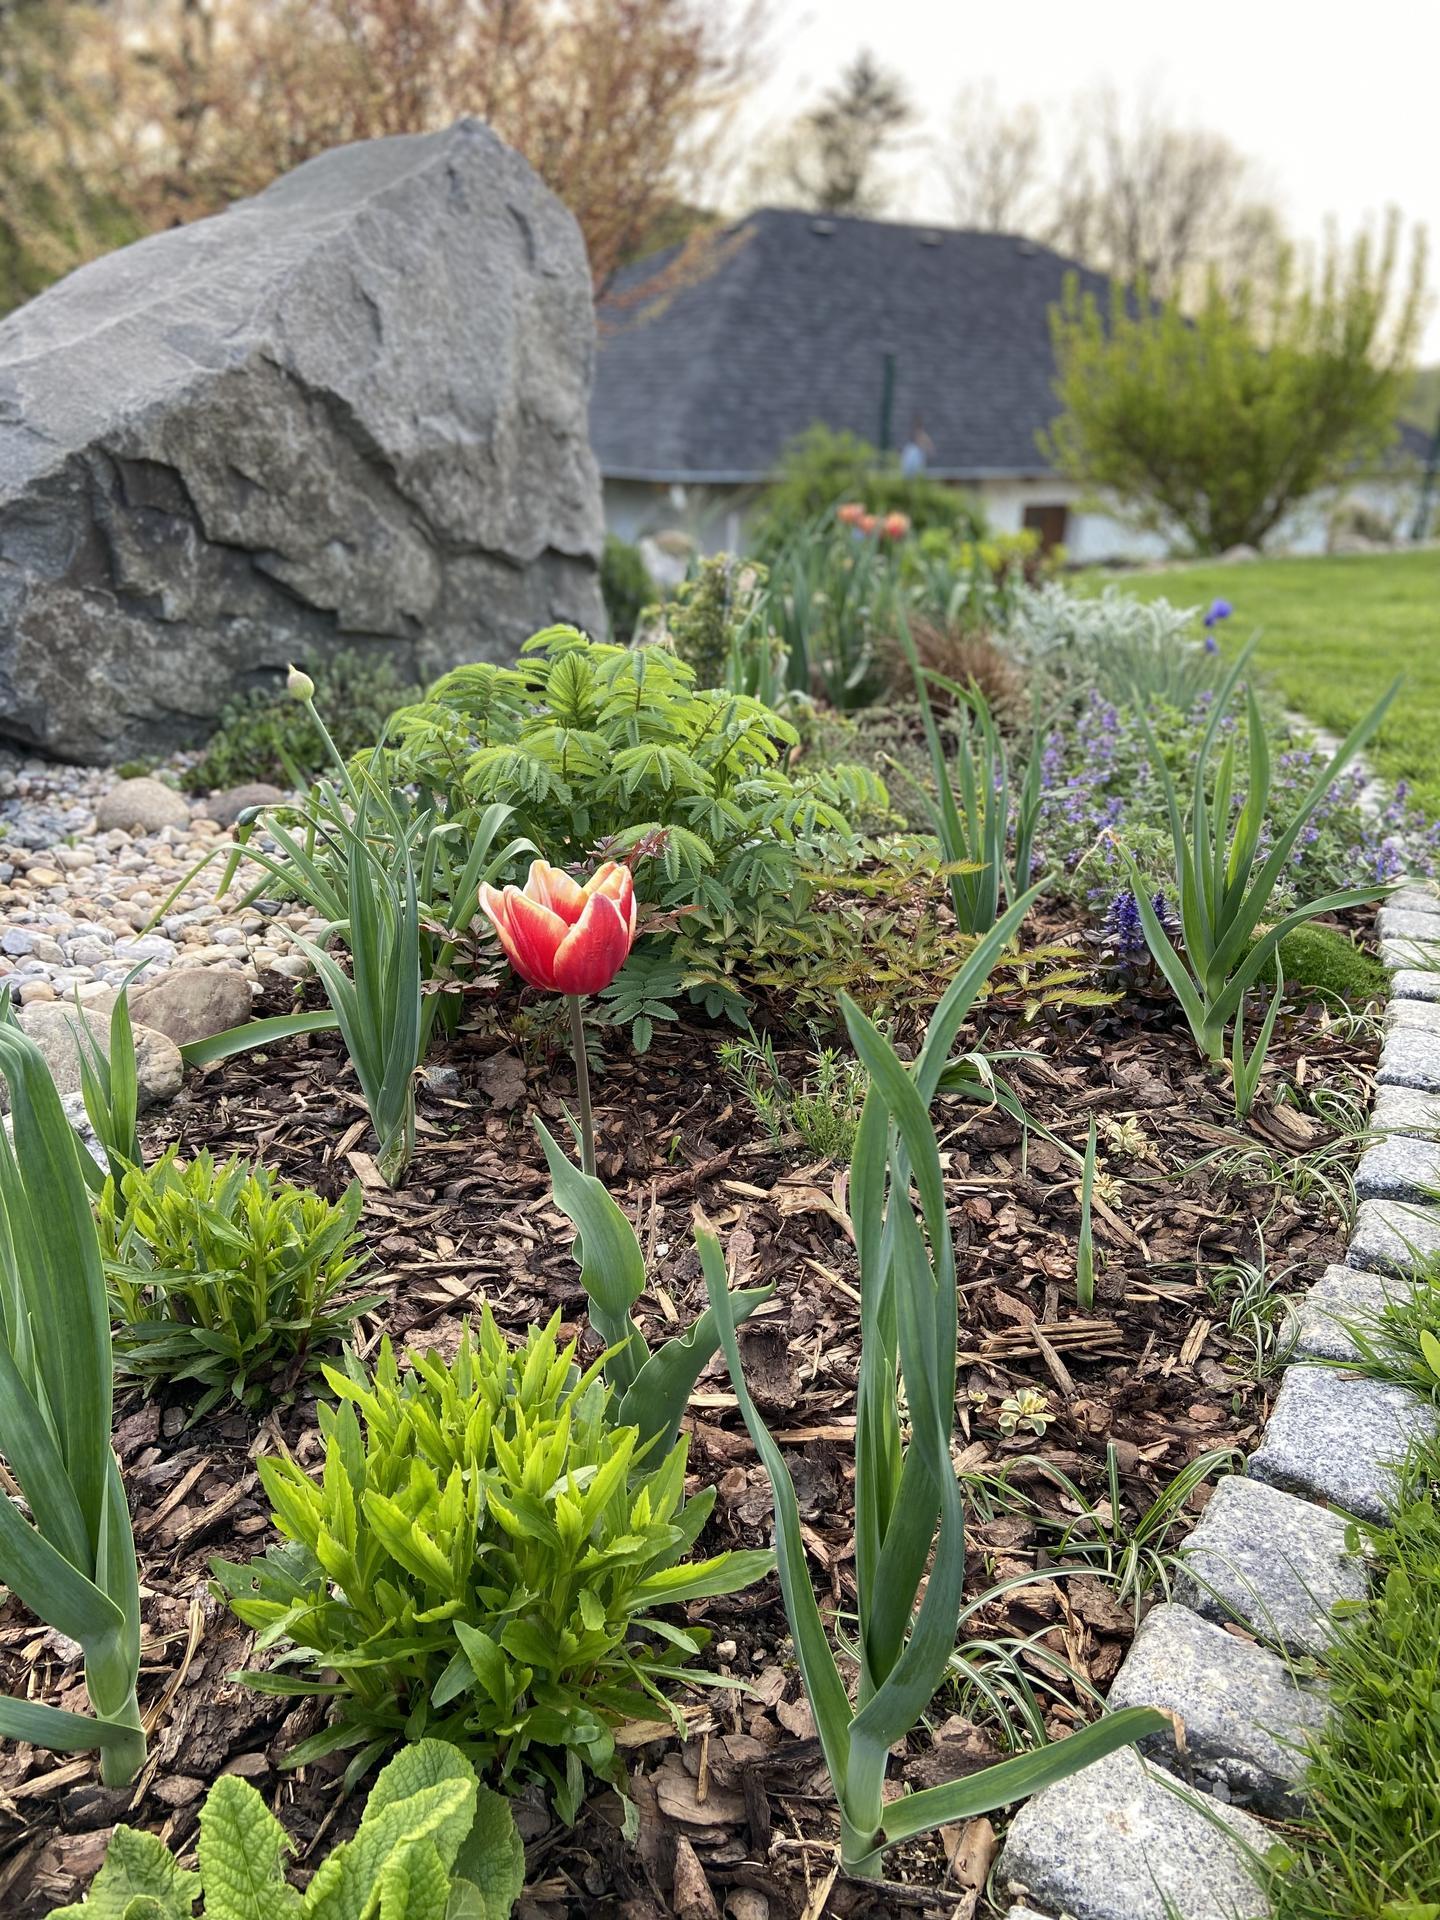 Pergola + zimní zahrada + zahrada - ještě čekám na česneky a jinak záhon už začíná pučet. Jen včera po tom vlhku a dešti nastoupili šneci a sbírala je. Oni snad žerou všechno. Tak jsem znechucená a čekám, co tam zbyde |-|